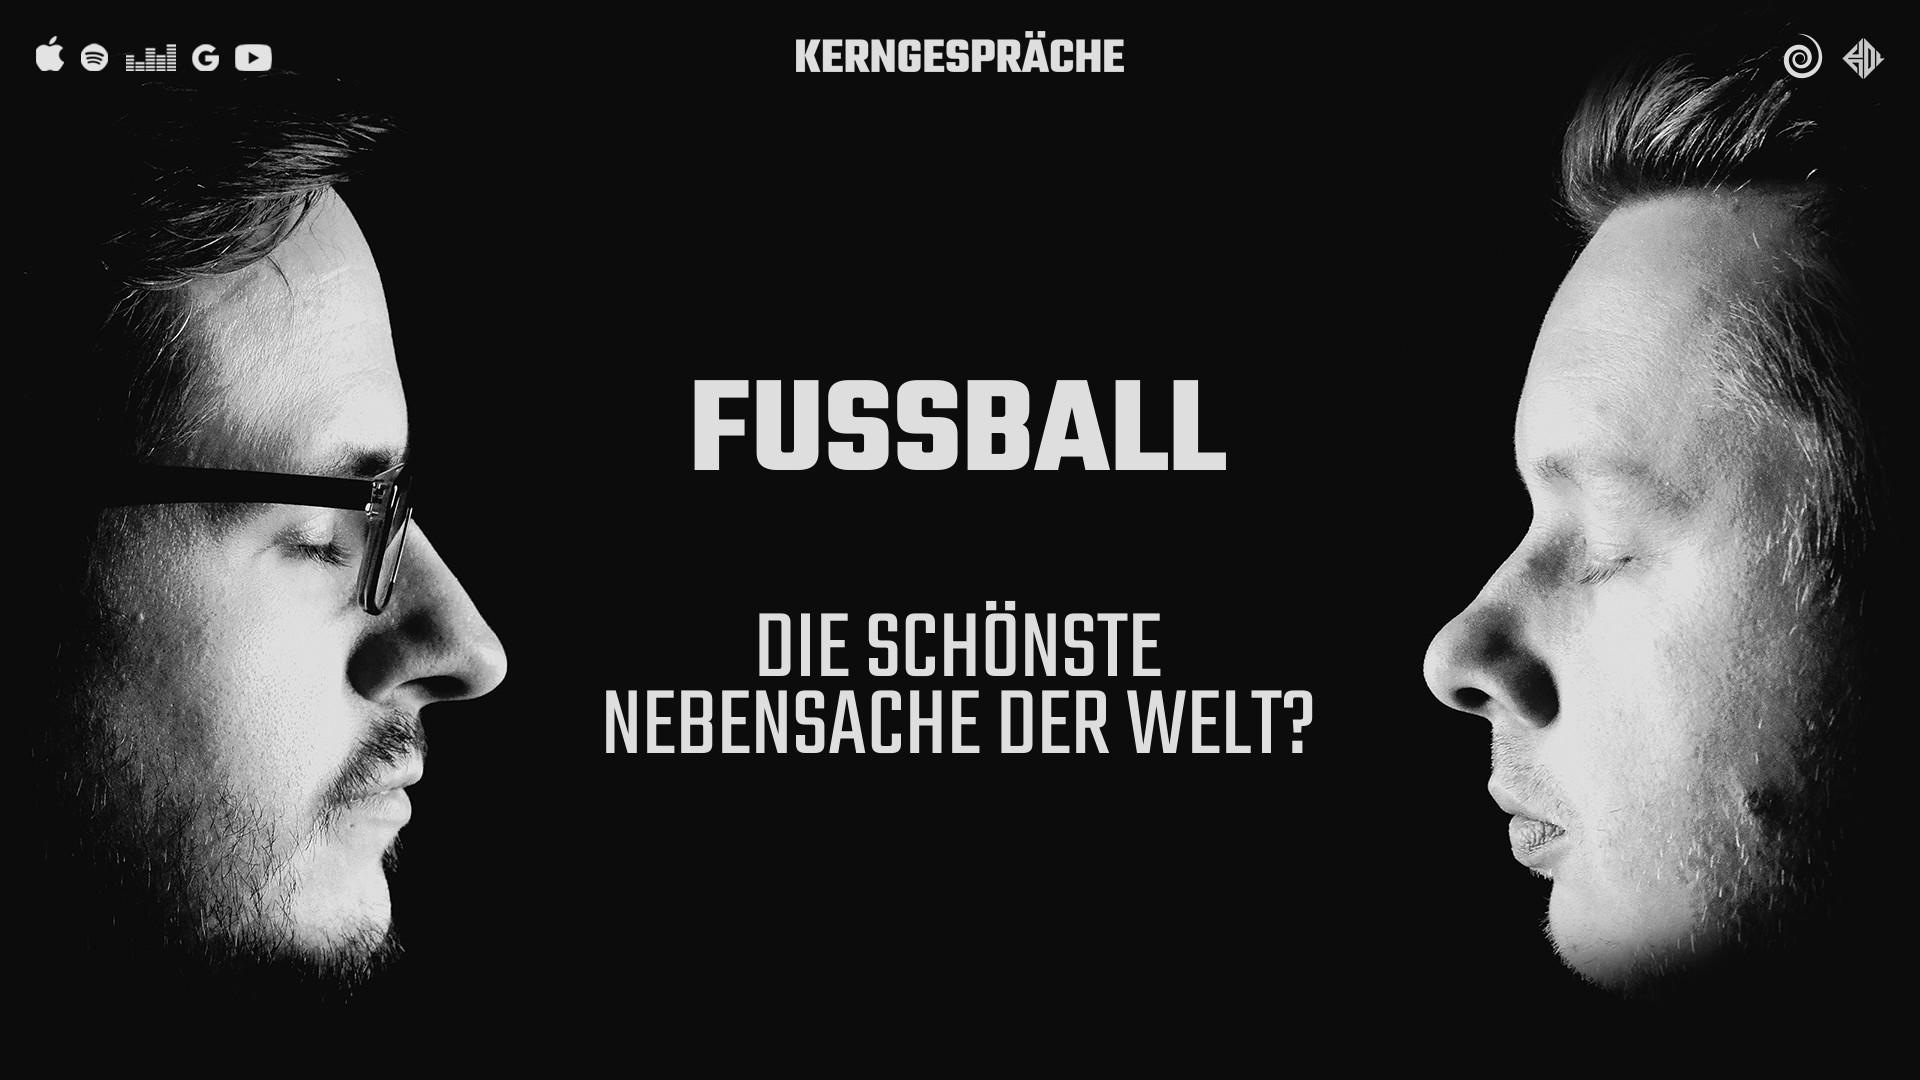 Fussball: Die schönste Nebensache der Welt?